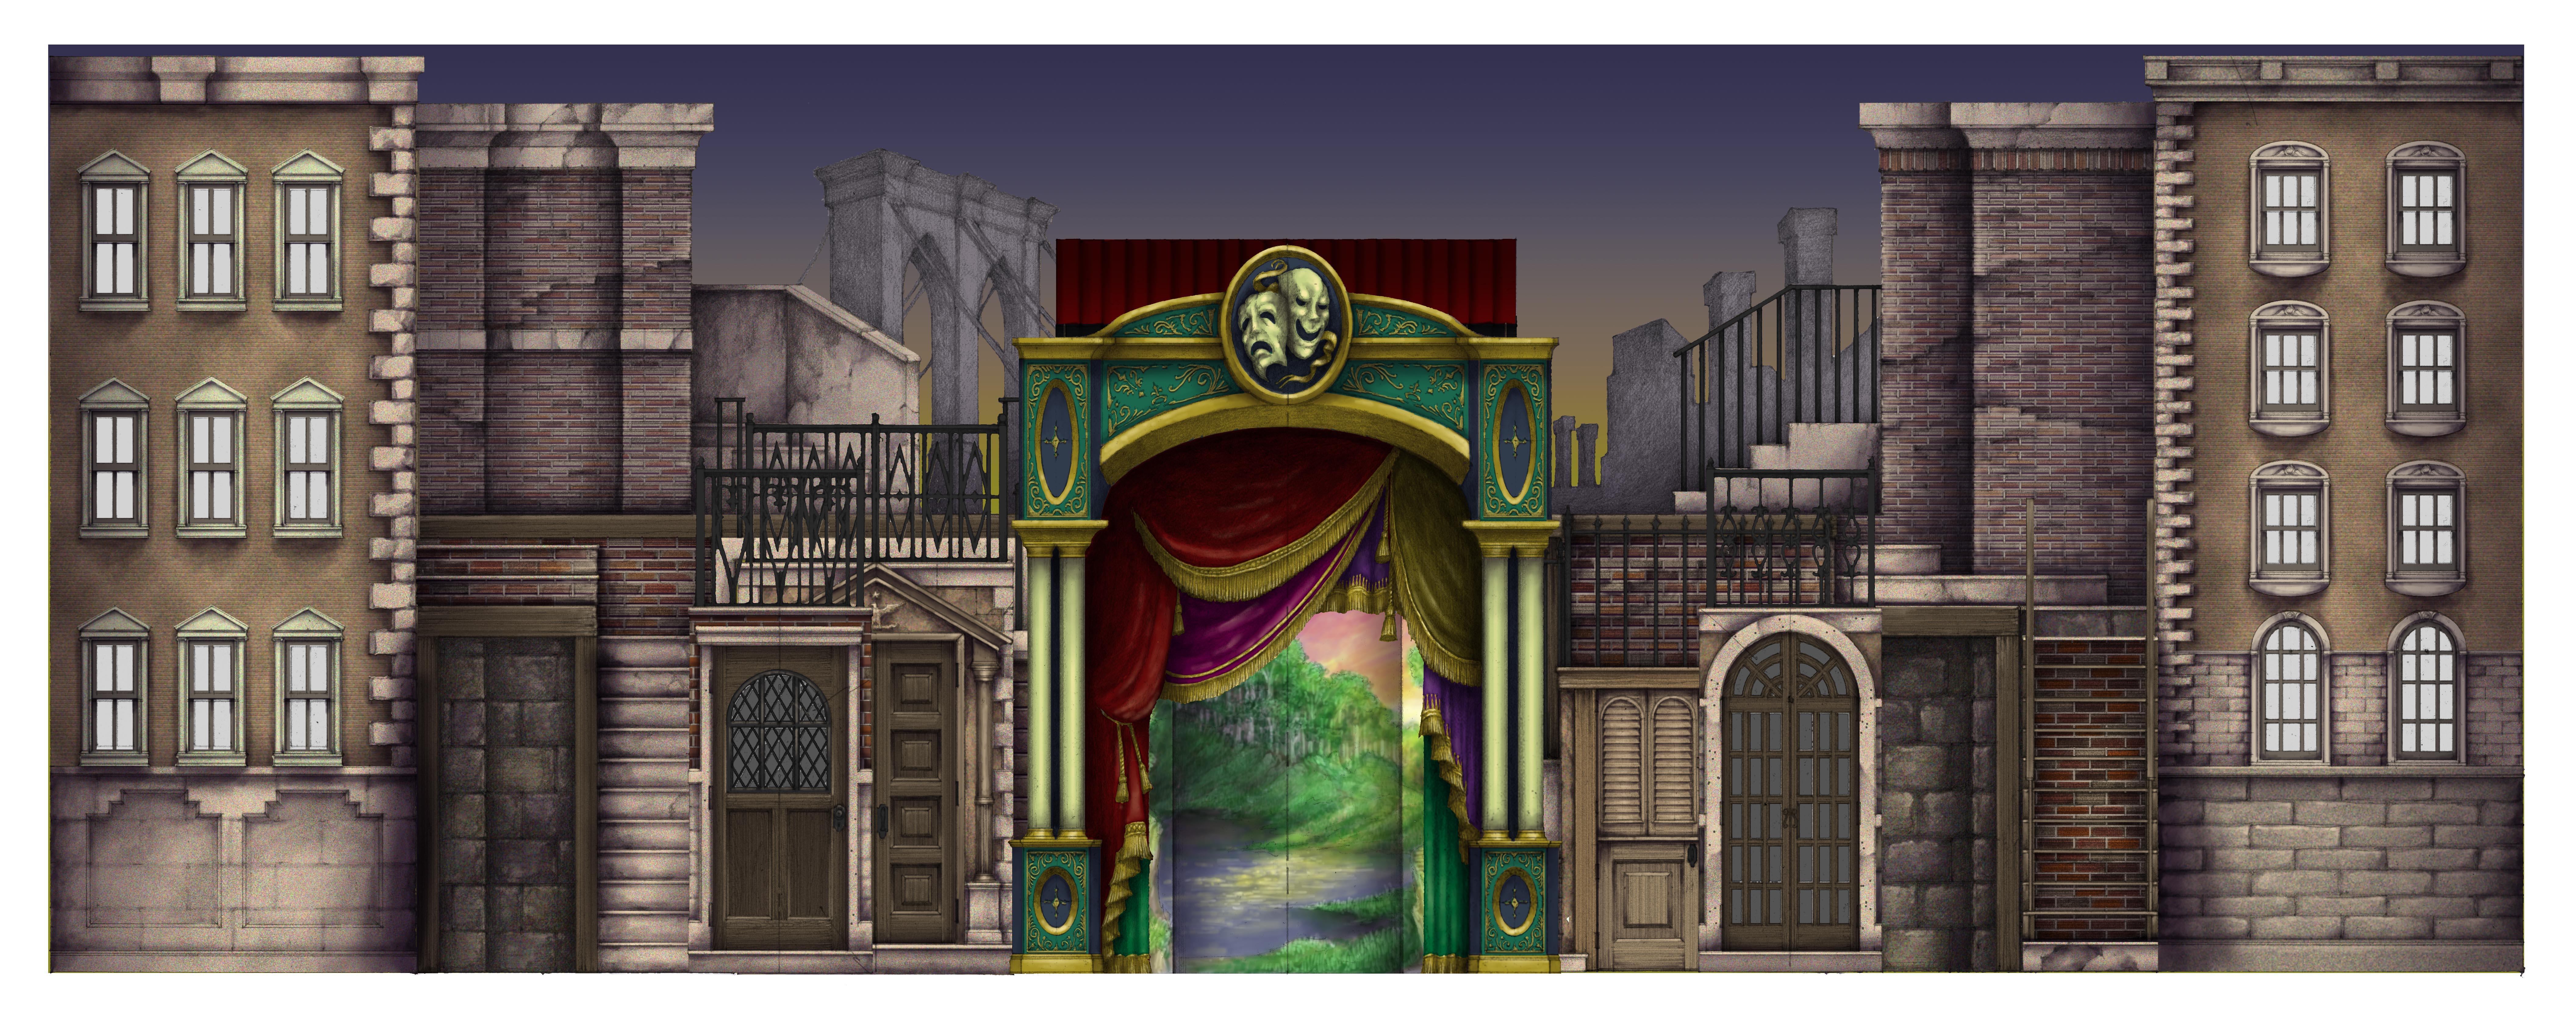 Medda's Theater